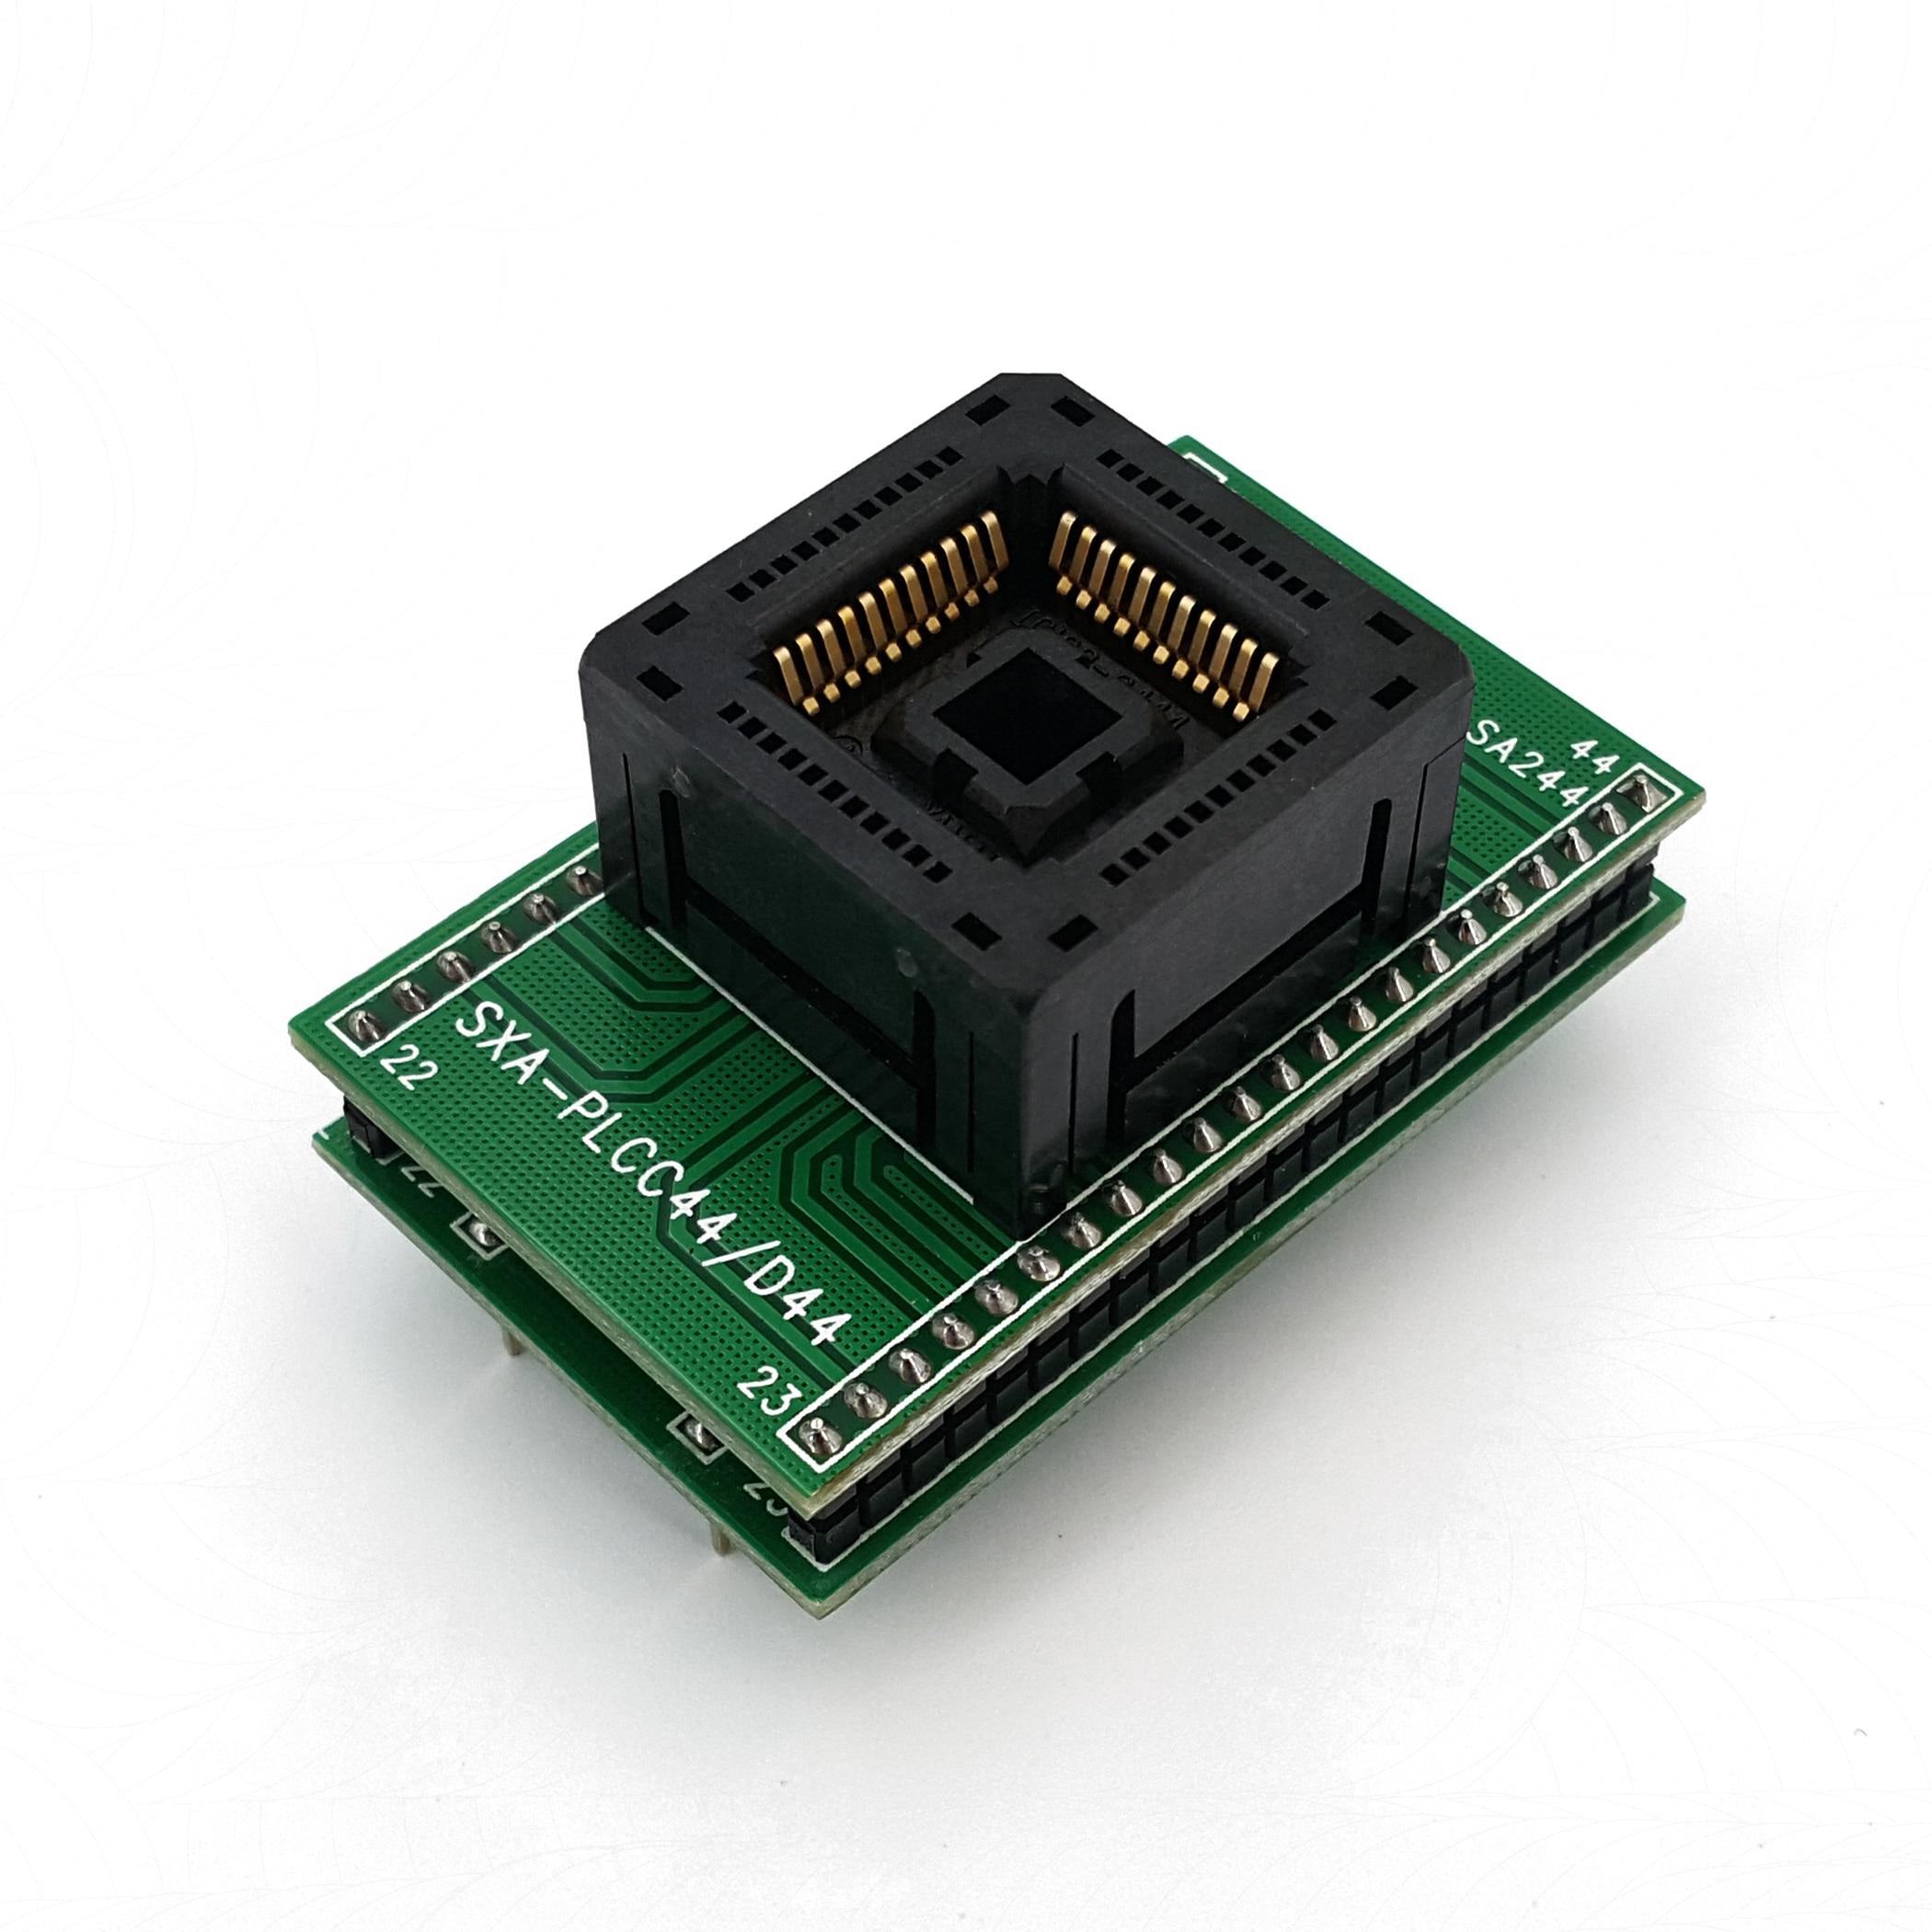 PLCC44 Para DIP44 Pitch 1.27 milímetros IC120-0444 Chip Programador Adaptador IC Socket Test